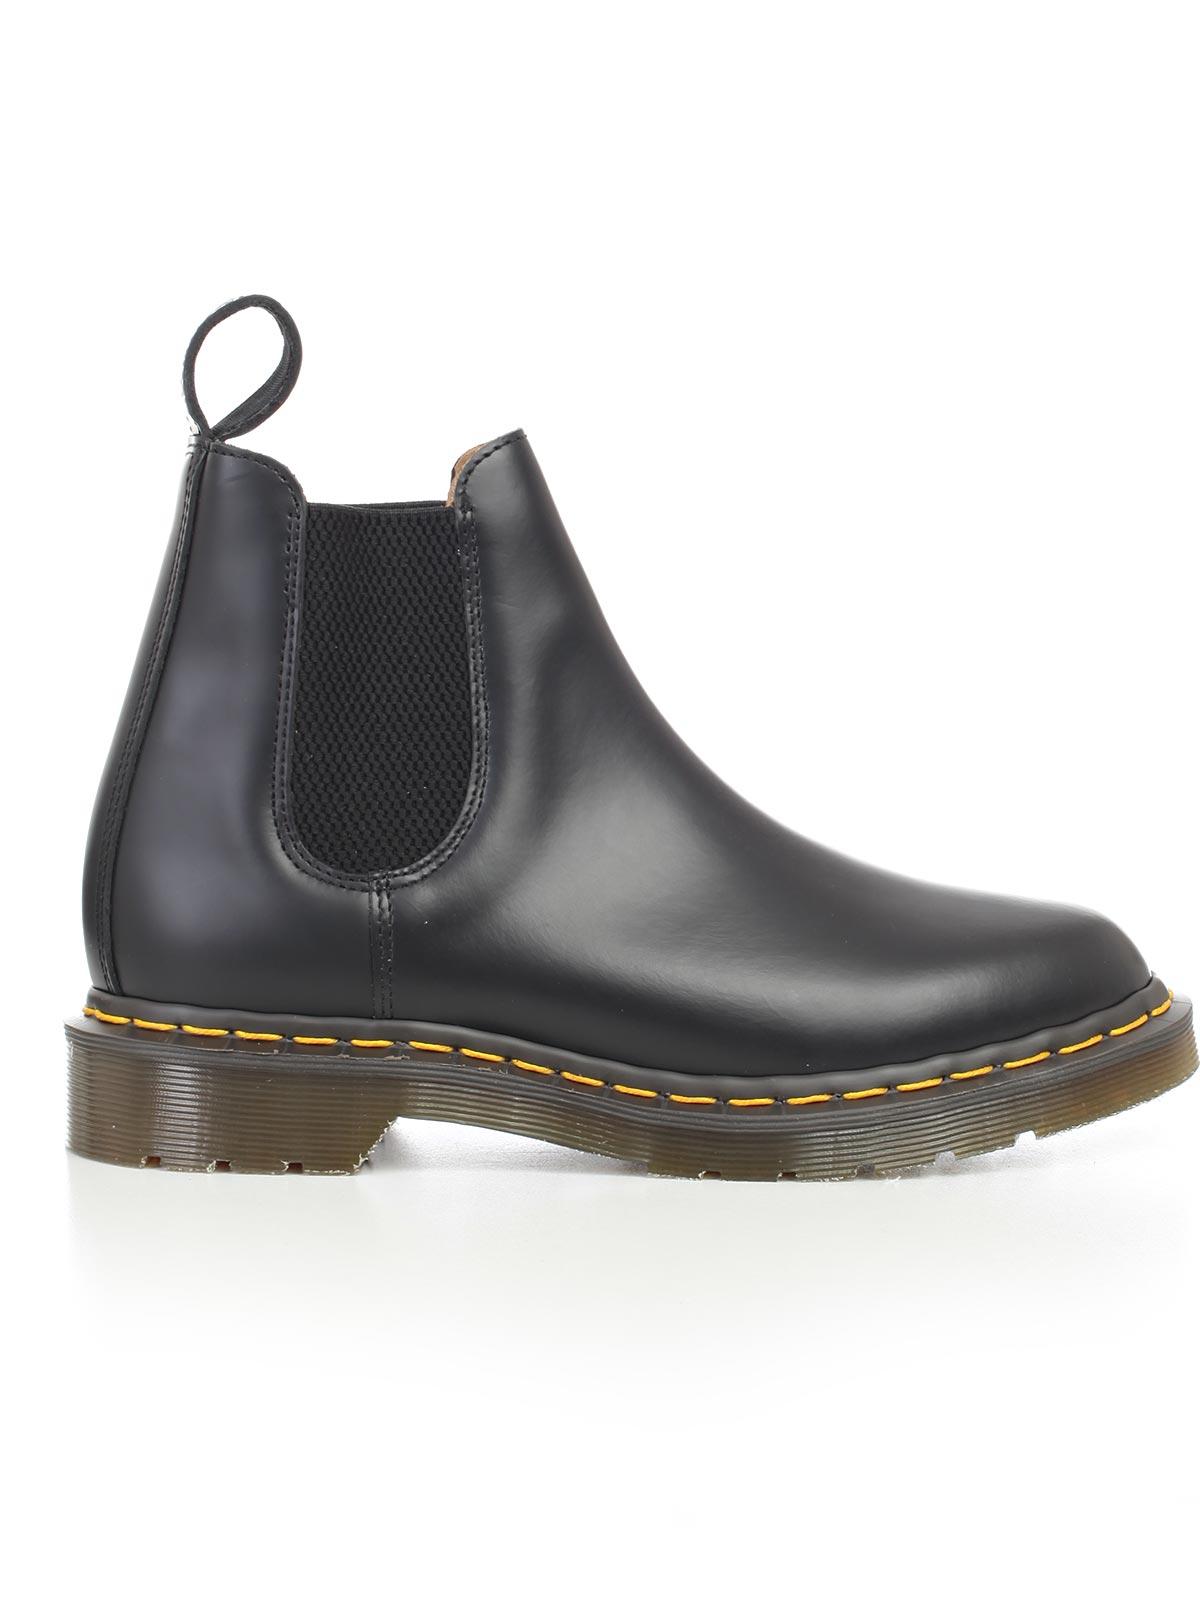 Picture of COMMES DES GARCONS - COMME DES GARCONS Boots